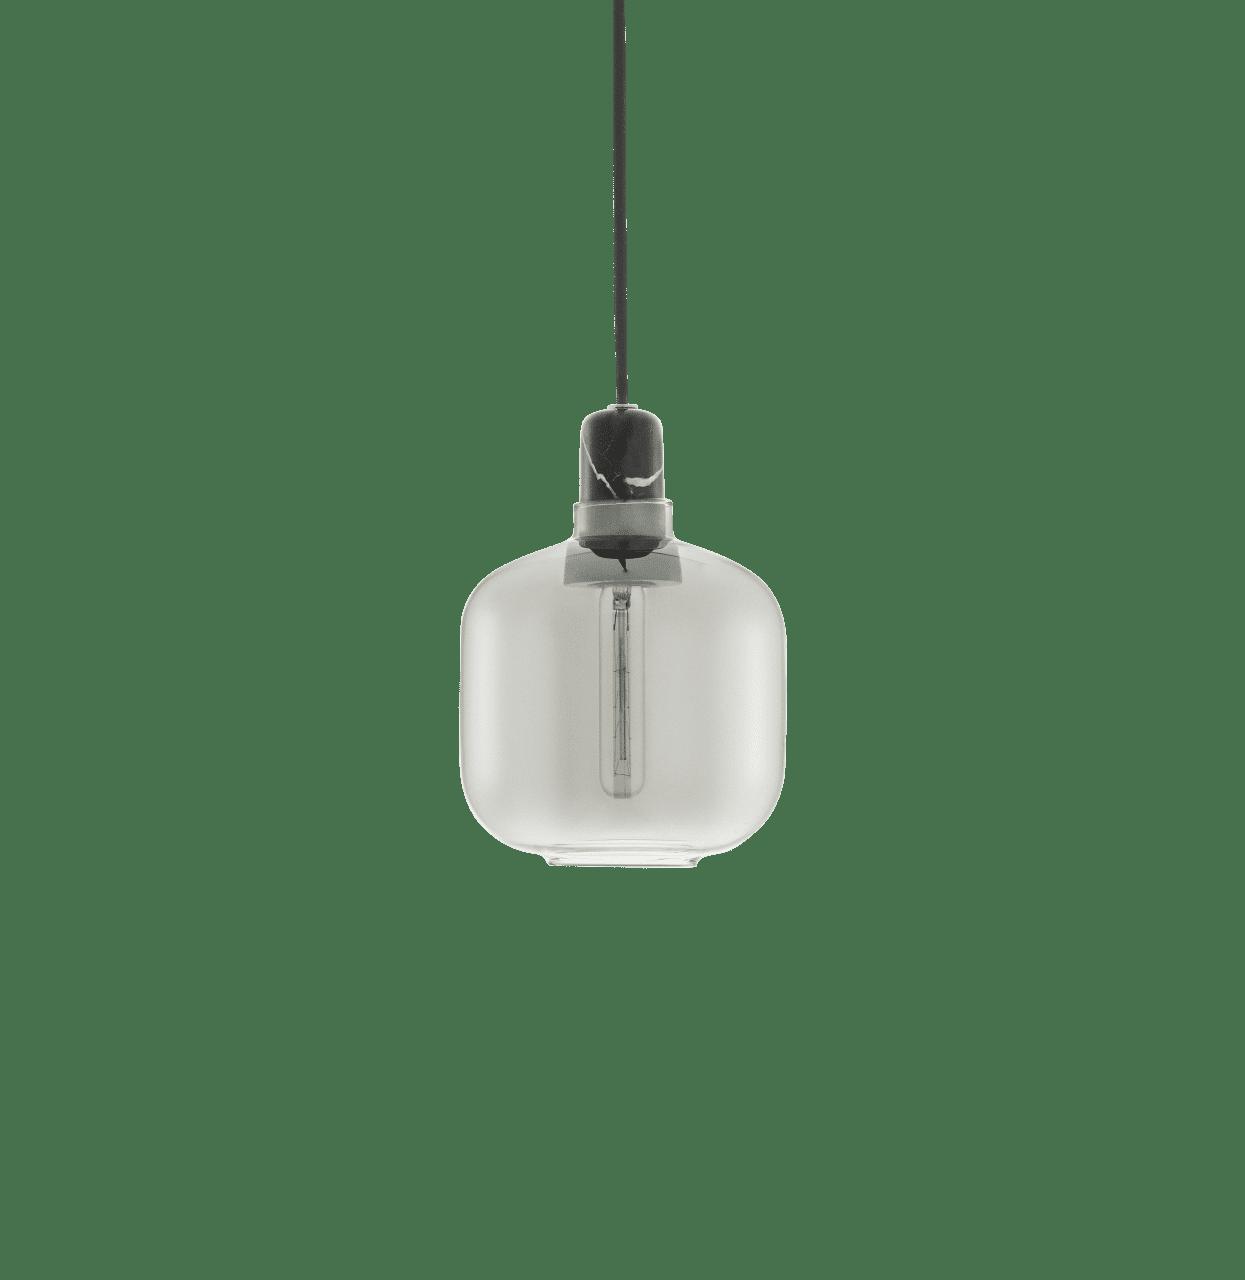 Pendelleuchte AMP Lamp klein